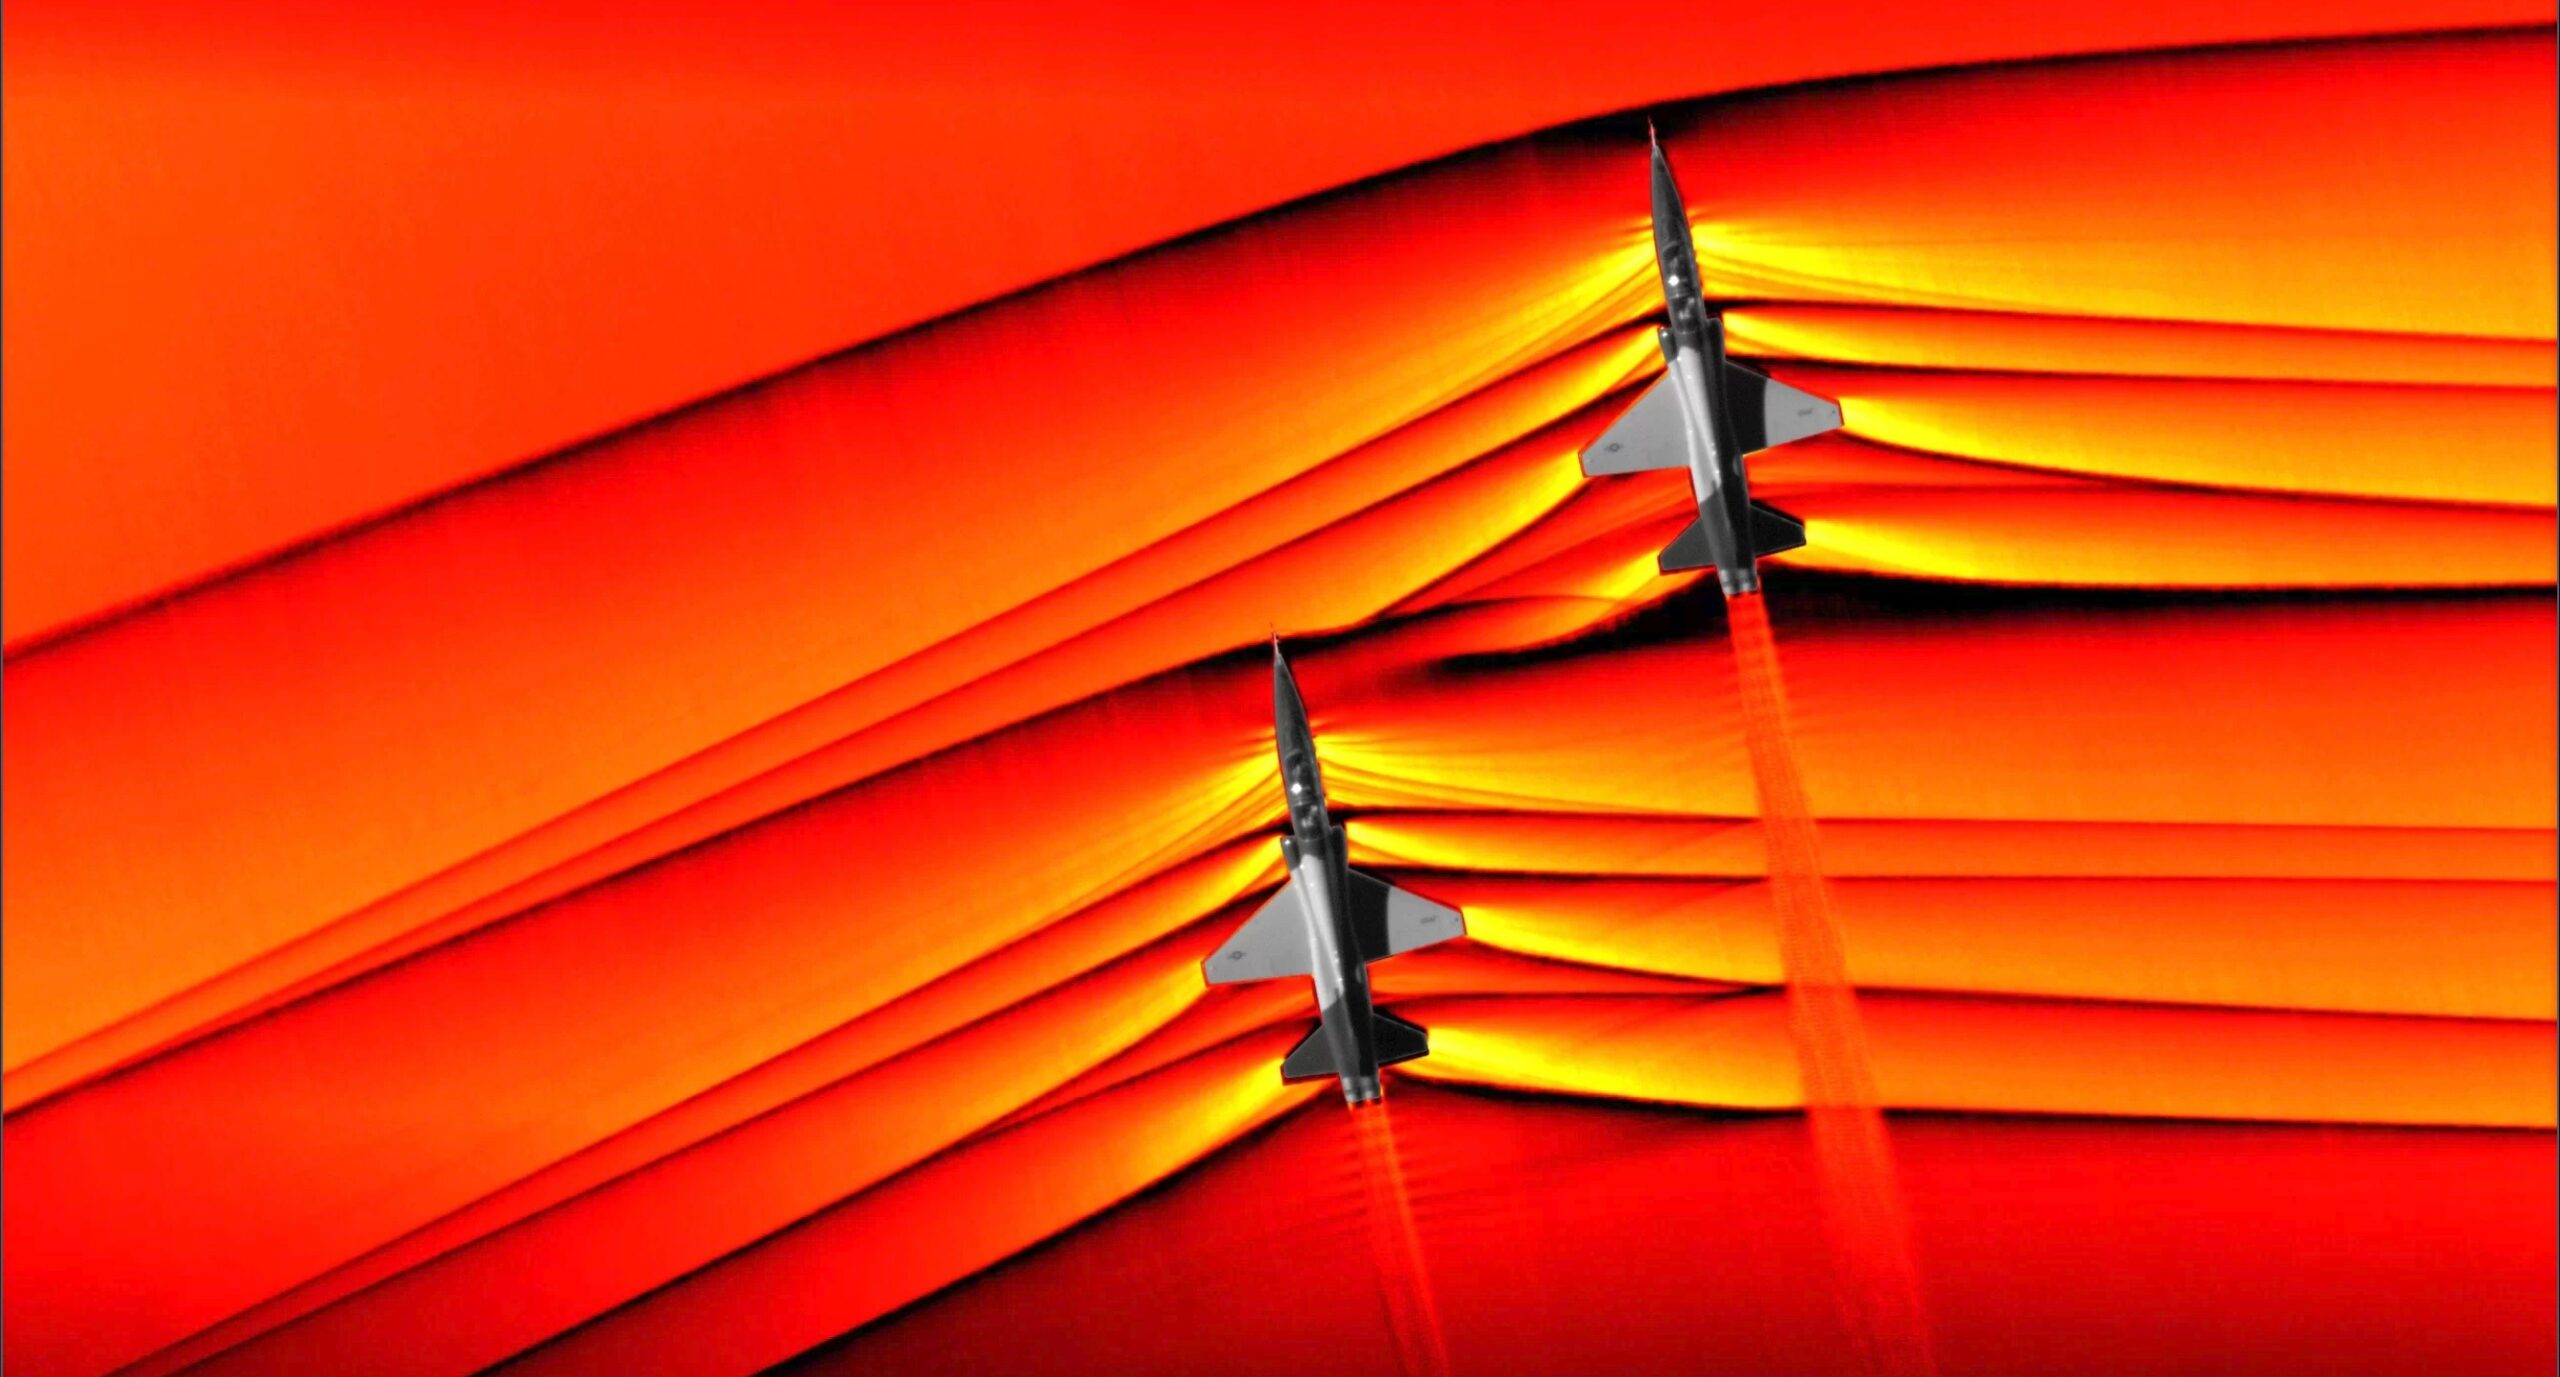 NASA tira fotos de interações entre as ondas de choque de duas aeronaves supersônicas